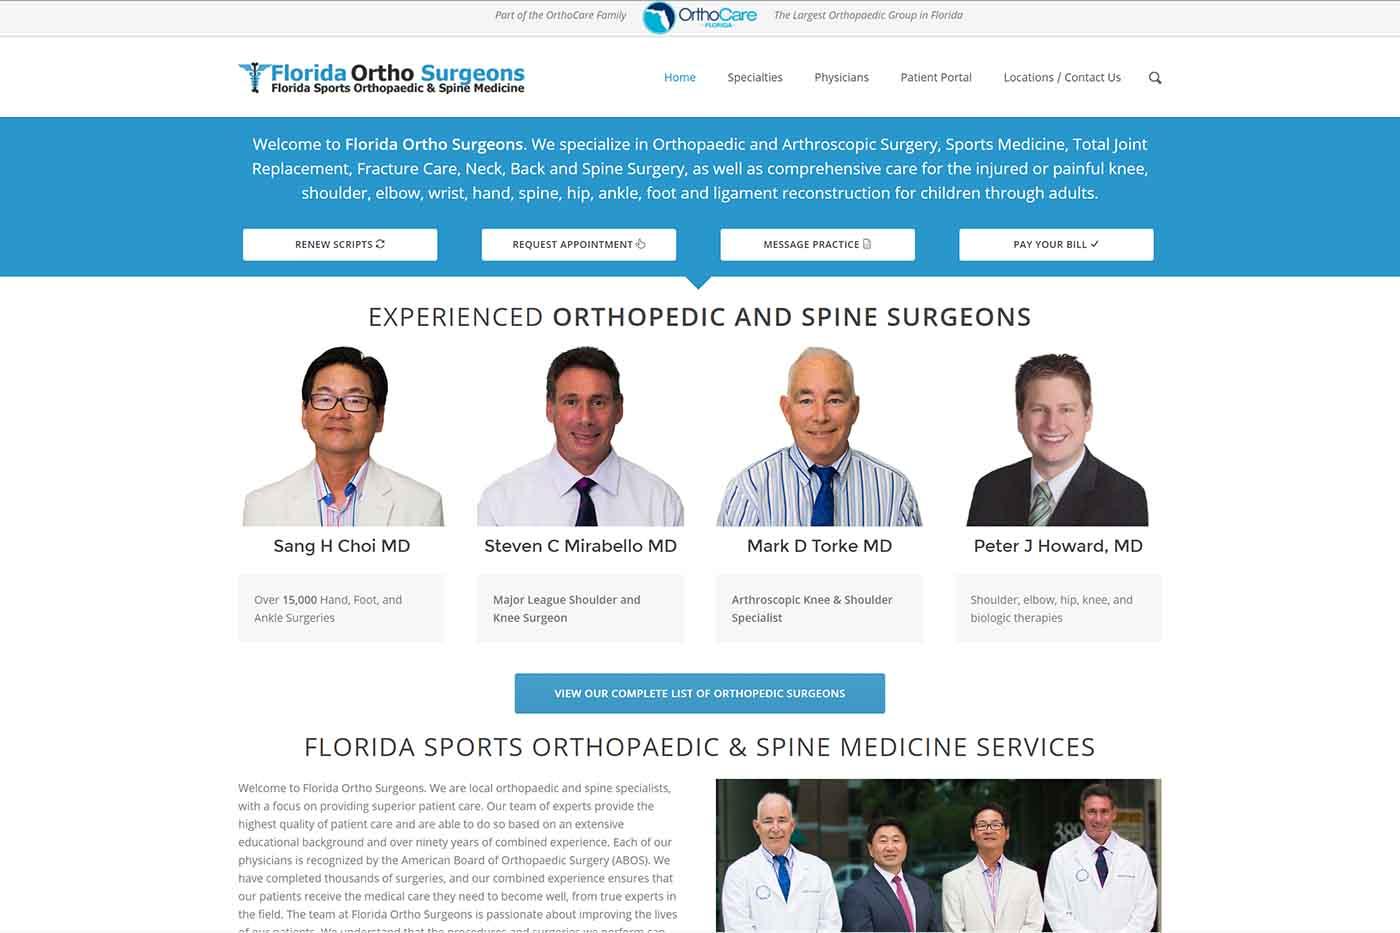 Florida Ortho Surgeons